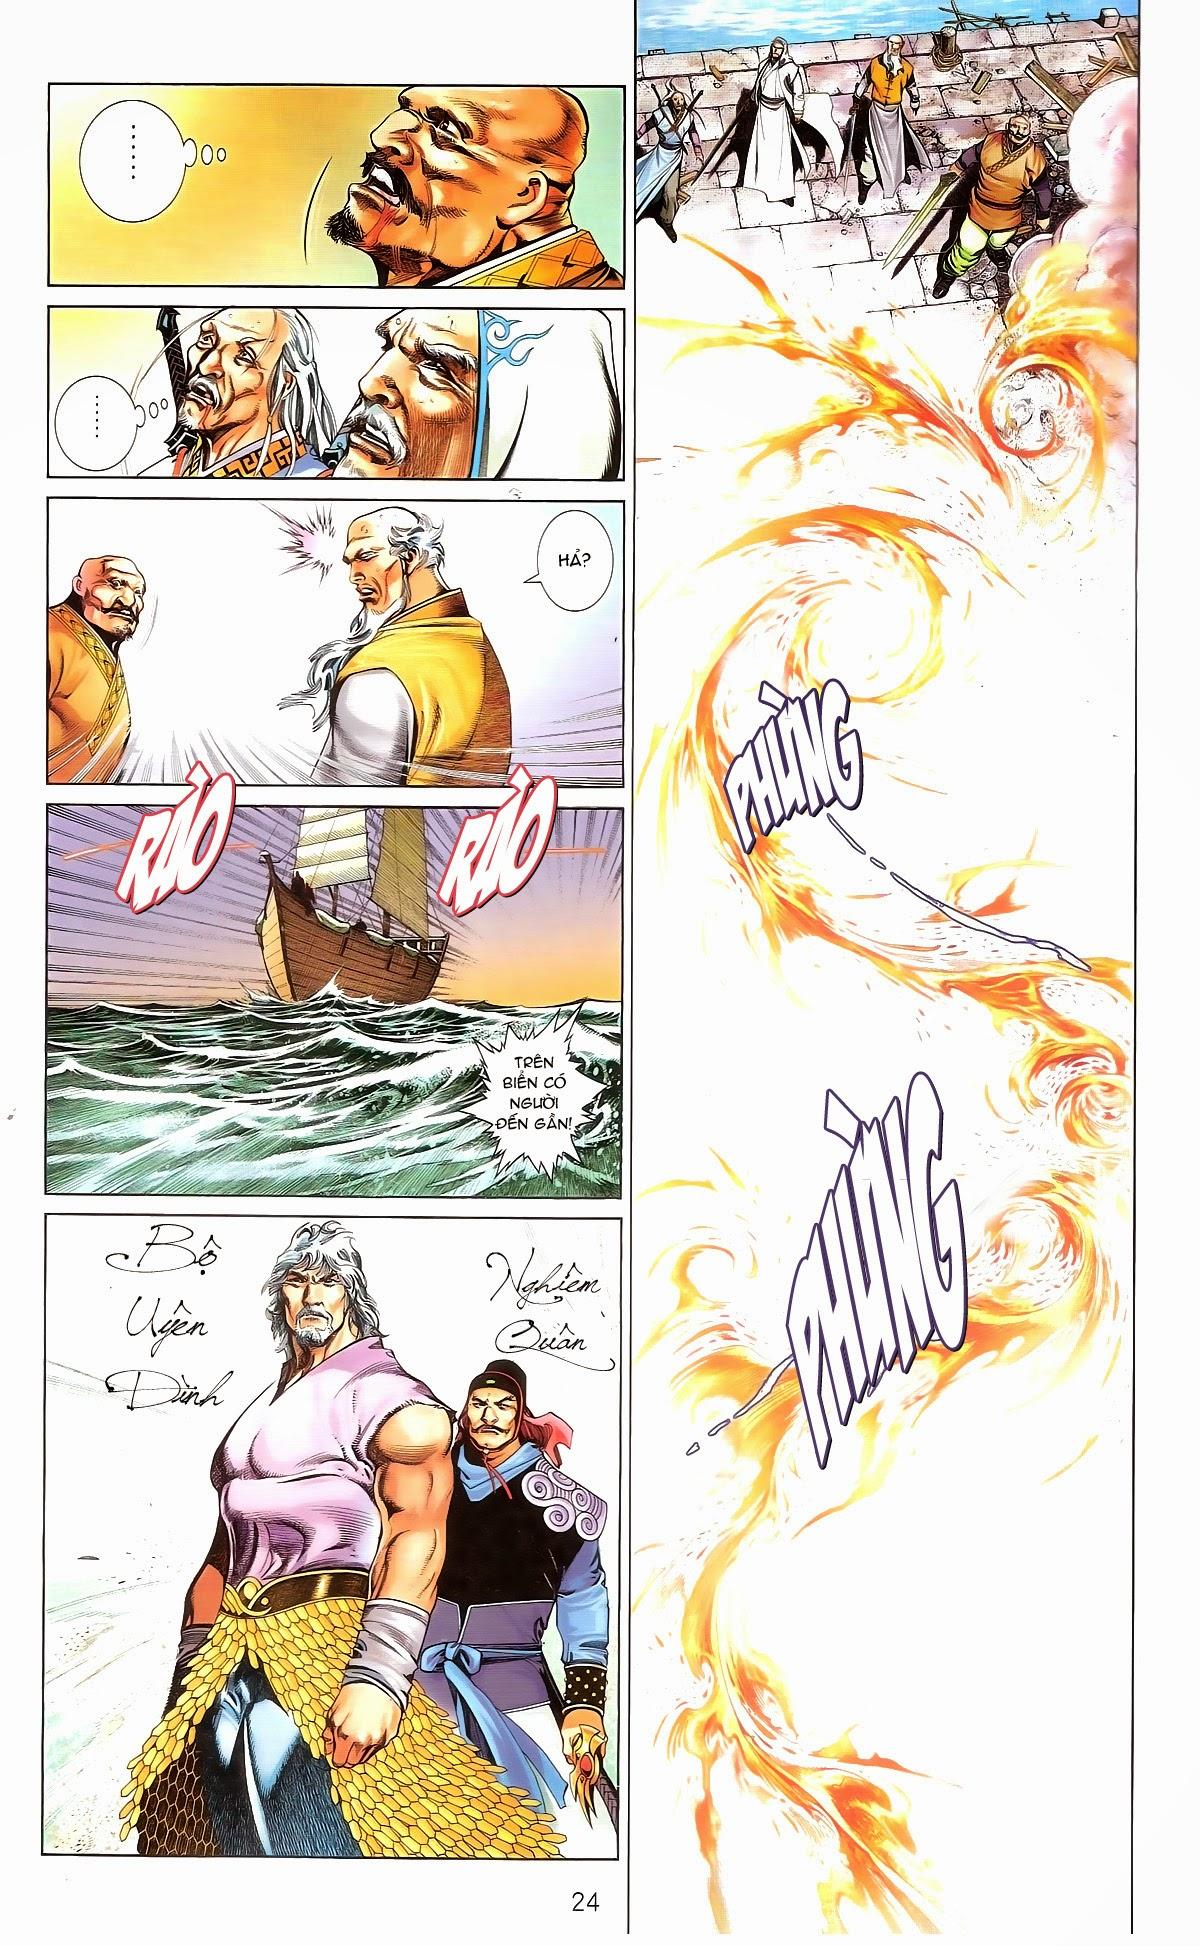 Phong Vân chap 674 – End Trang 26 - Mangak.info